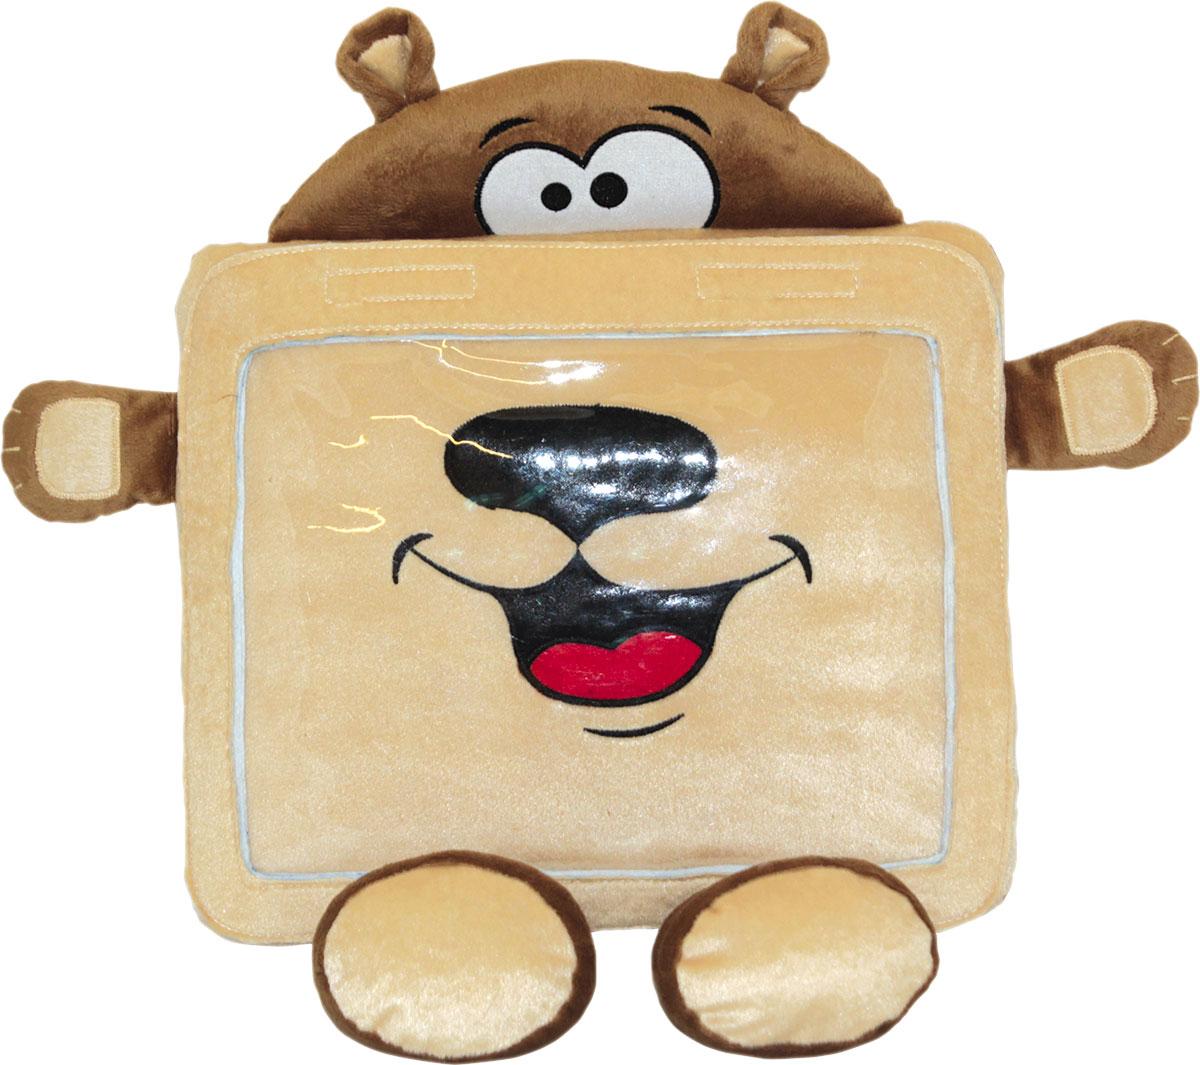 Gulliver Мягкая игрушка-чехол Мишка1000398660Чехол Gulliver защитит планшет от падений и ударов, а когда устройство не нужно, то Мишка станет главным героем для увлекательных сюжетных игр.Устройство легко поместить внутрь чехла, а картинка с экрана будет хорошо видна через прозрачное окошко на корпусе.Дети с интересом будут рассматривать забавную мордашку и ушки мишки, а его лапки станут удобной подставкой для планшета. На чехле расположено отверстие для подключения наушников к планшету.Мягкую игрушку-чехол можно брать с собой в поездки, чтобы малыш отвлекался на просмотр мультиков, закрепив чехол на спинке сиденья специальным ремешком.